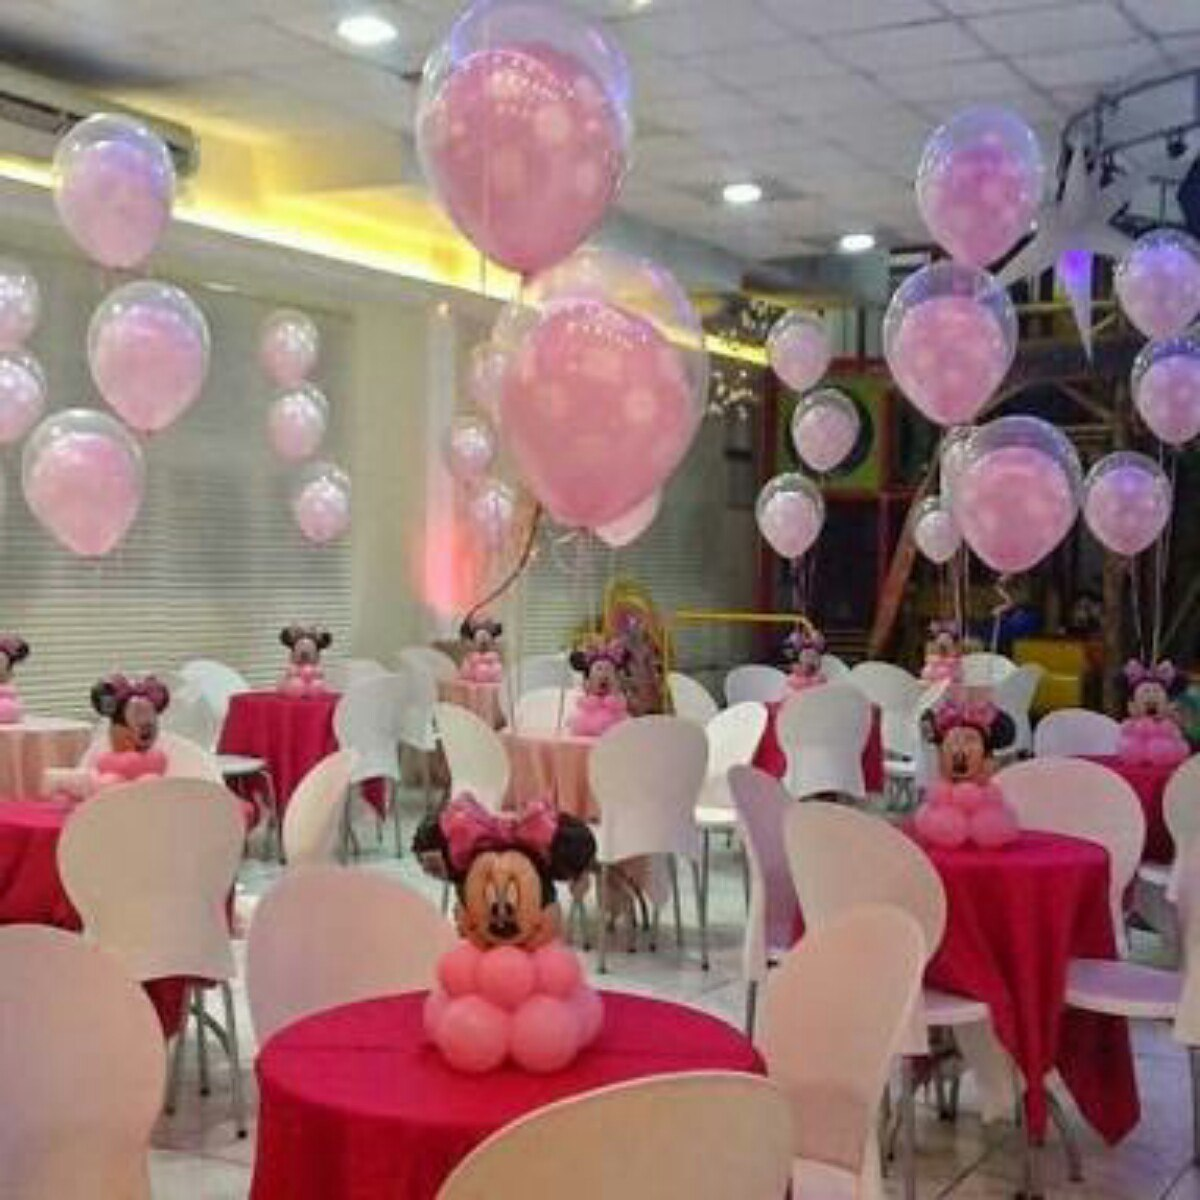 Decoraci n con globos mesa de dulces cumplea os xv a os bau toluca en mercado libre - Decoracion con globos 50 anos ...